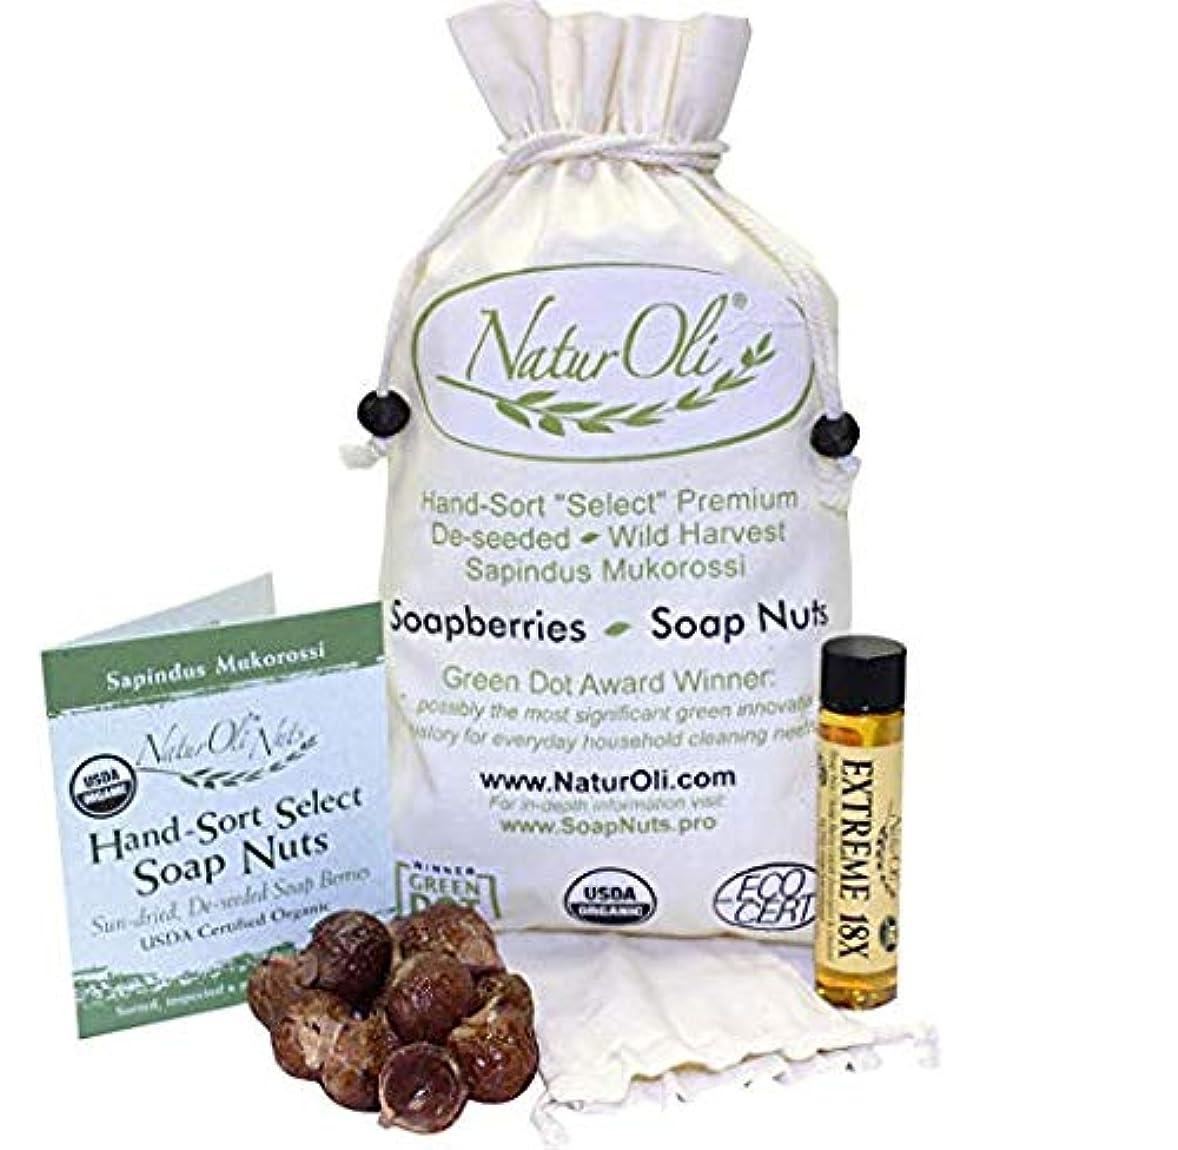 類推無効卒業NaturOli, Organic, Hand-Sort Select Soap Nuts With 2 Muslin Drawstring Bags, 16 oz